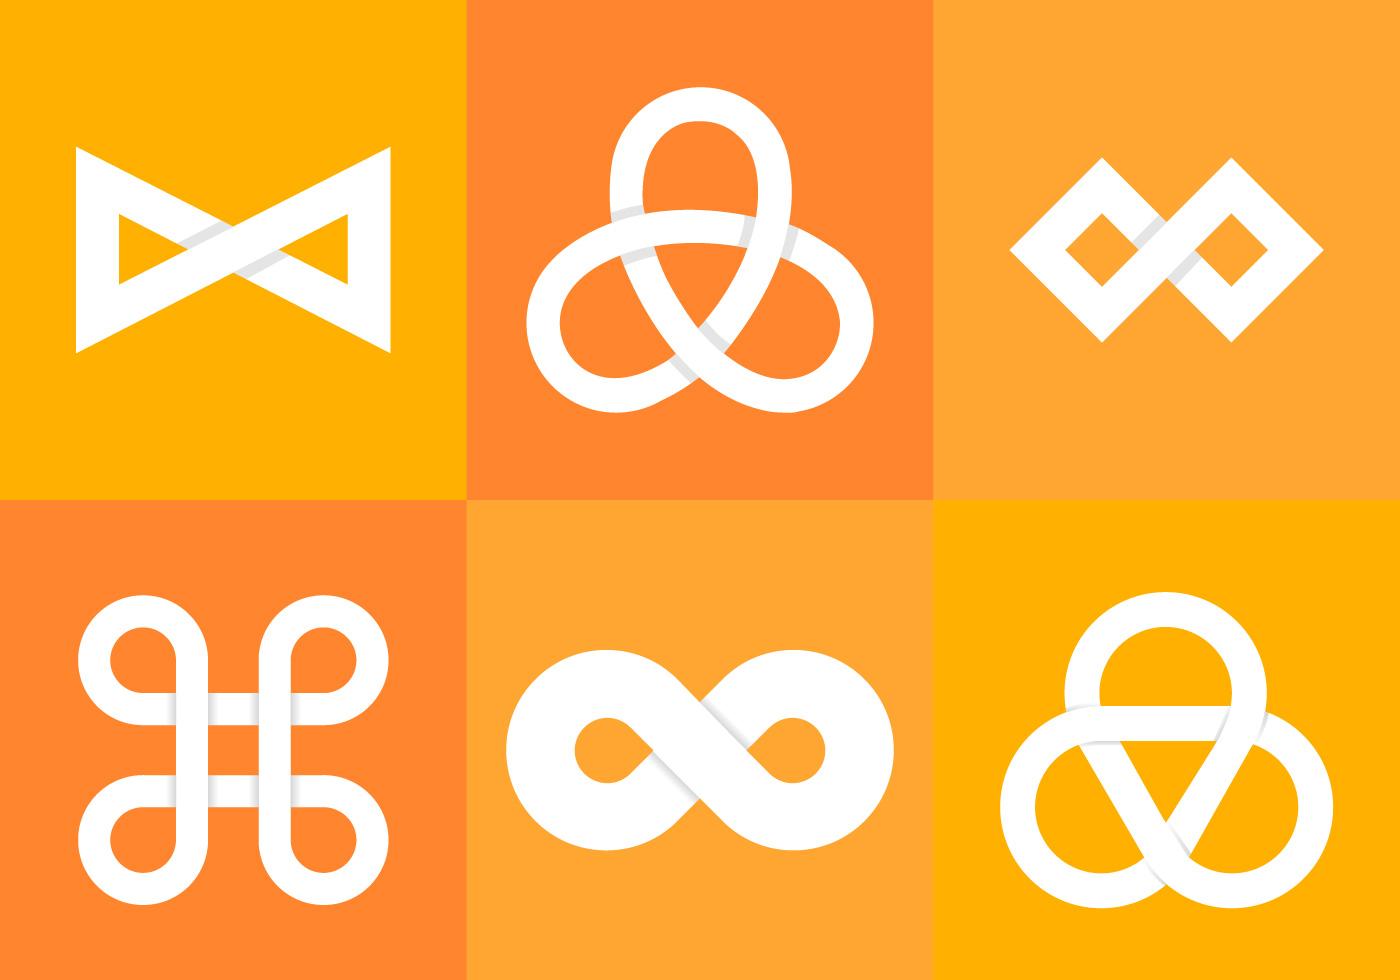 Infinite Loop - Download Free Vector Art, Stock Graphics ...